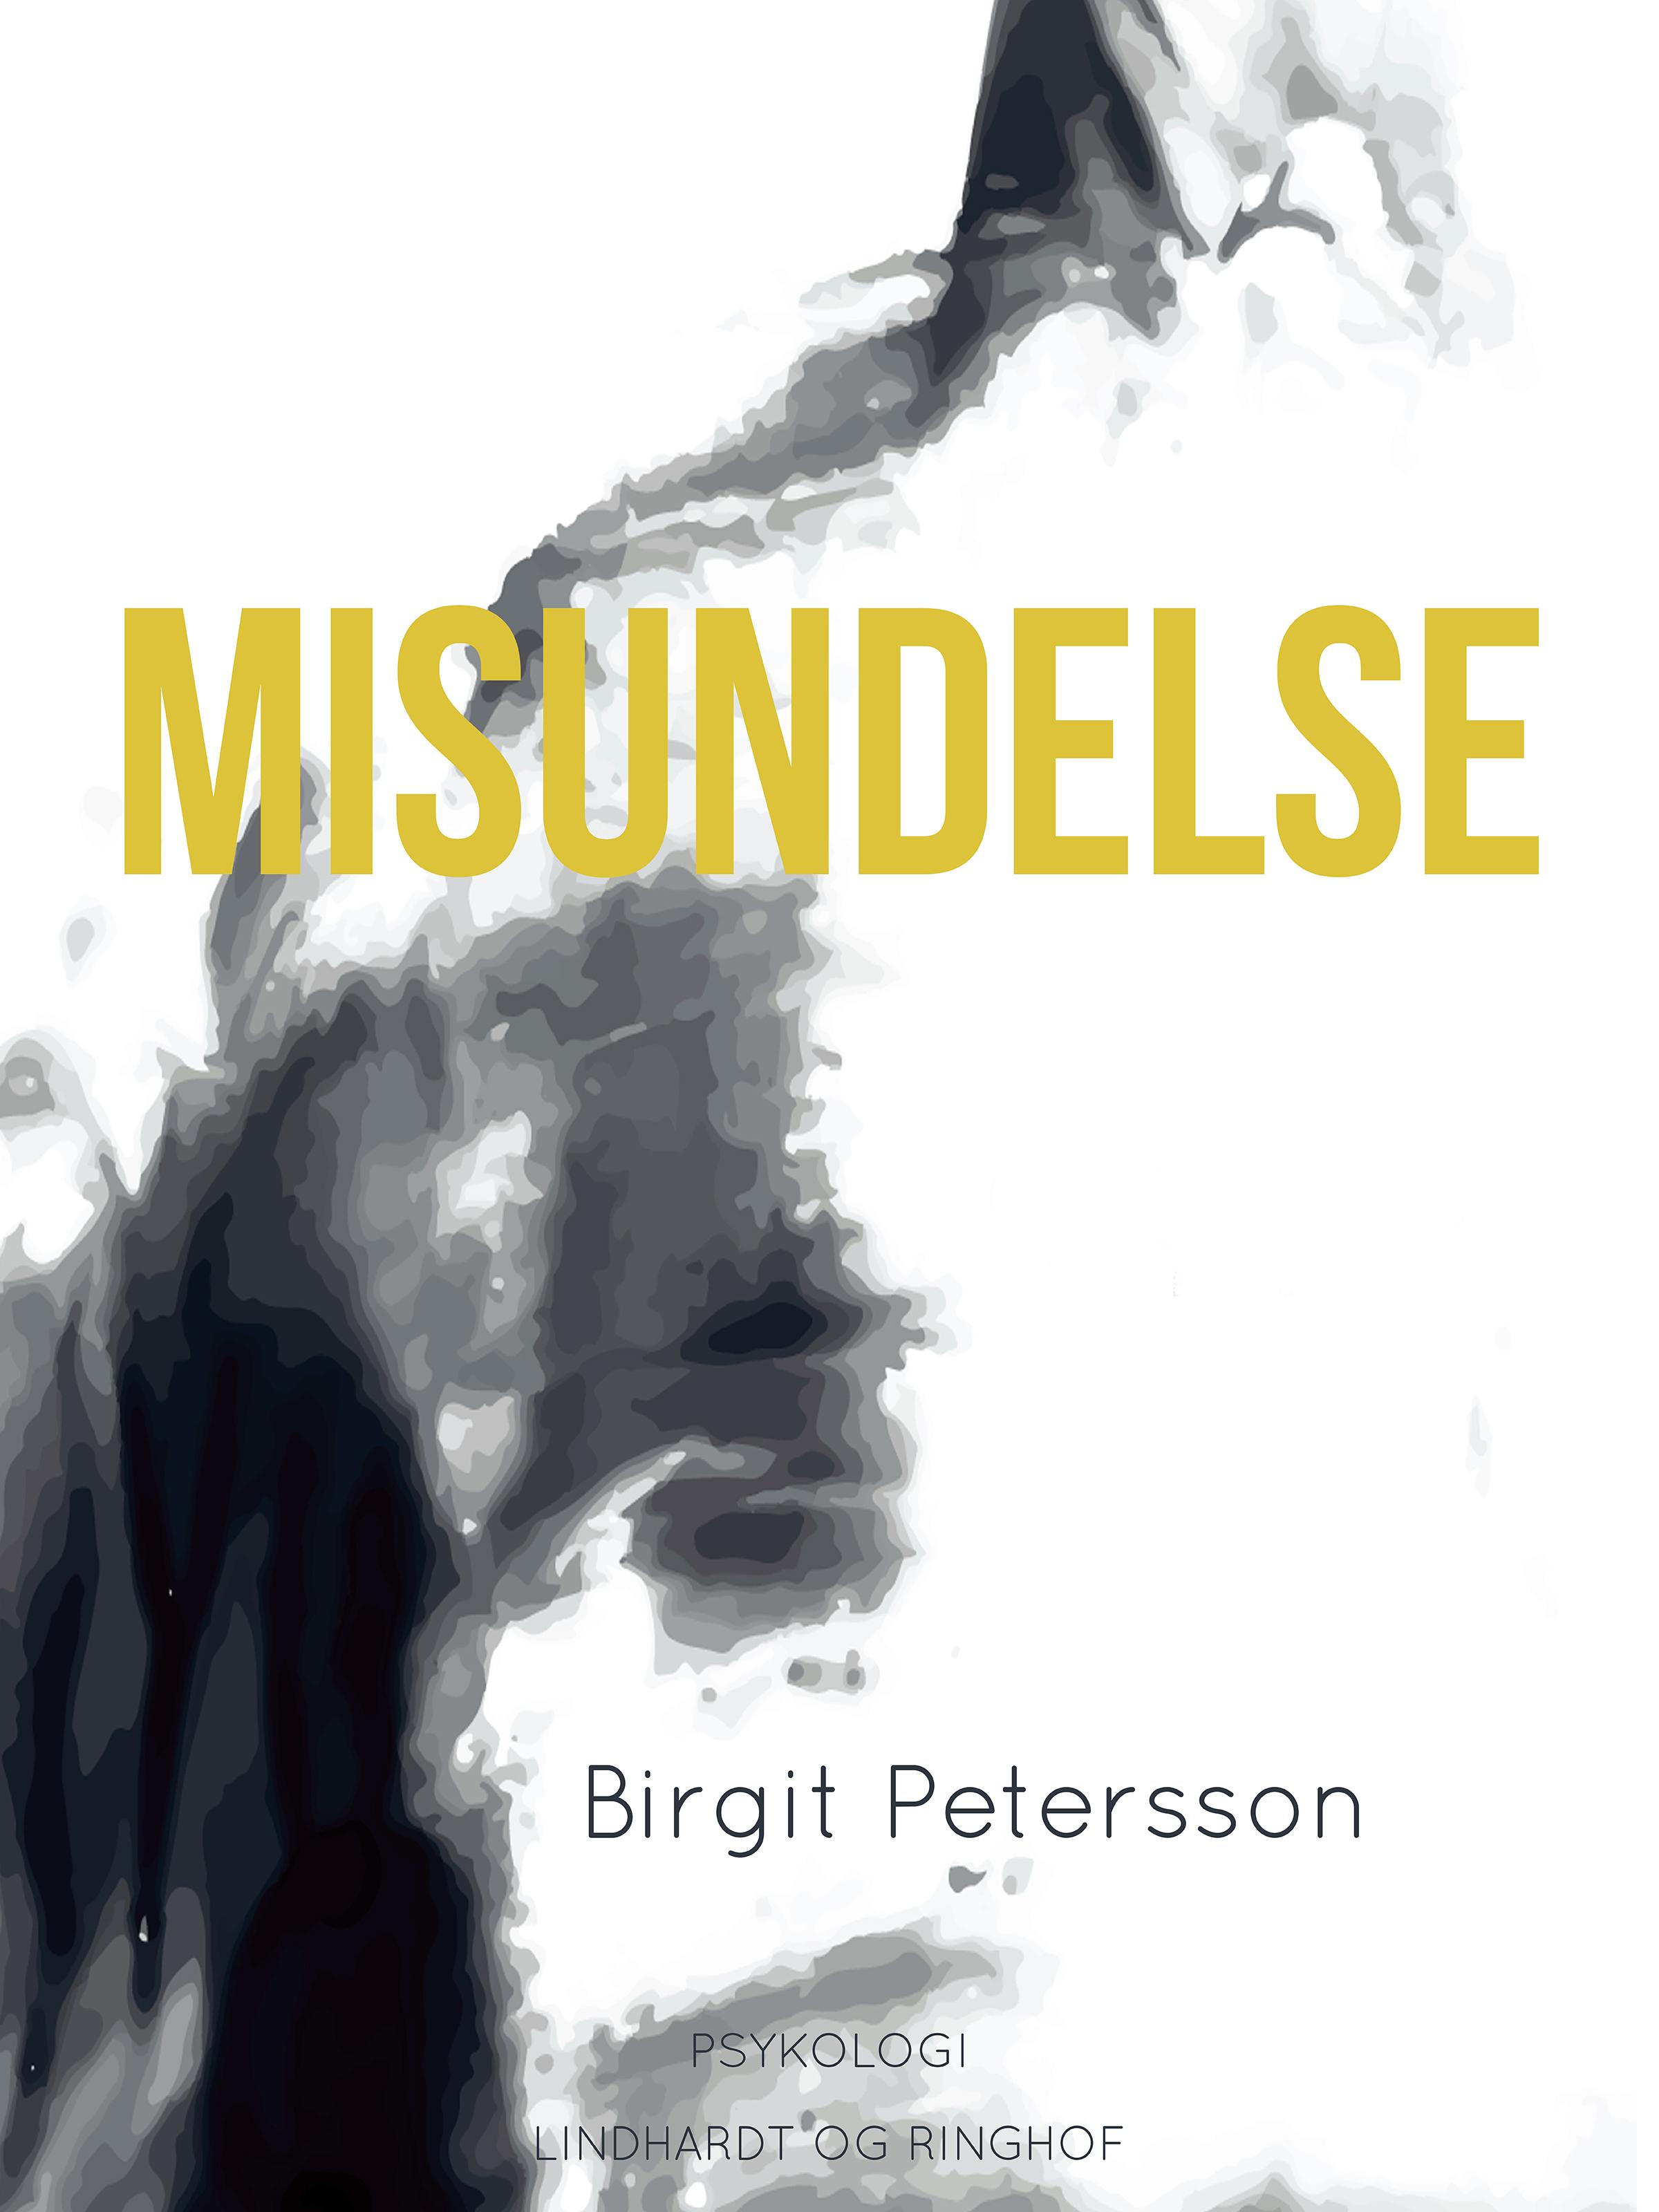 Misundelse - e-bog fra N/A på bog & mystik